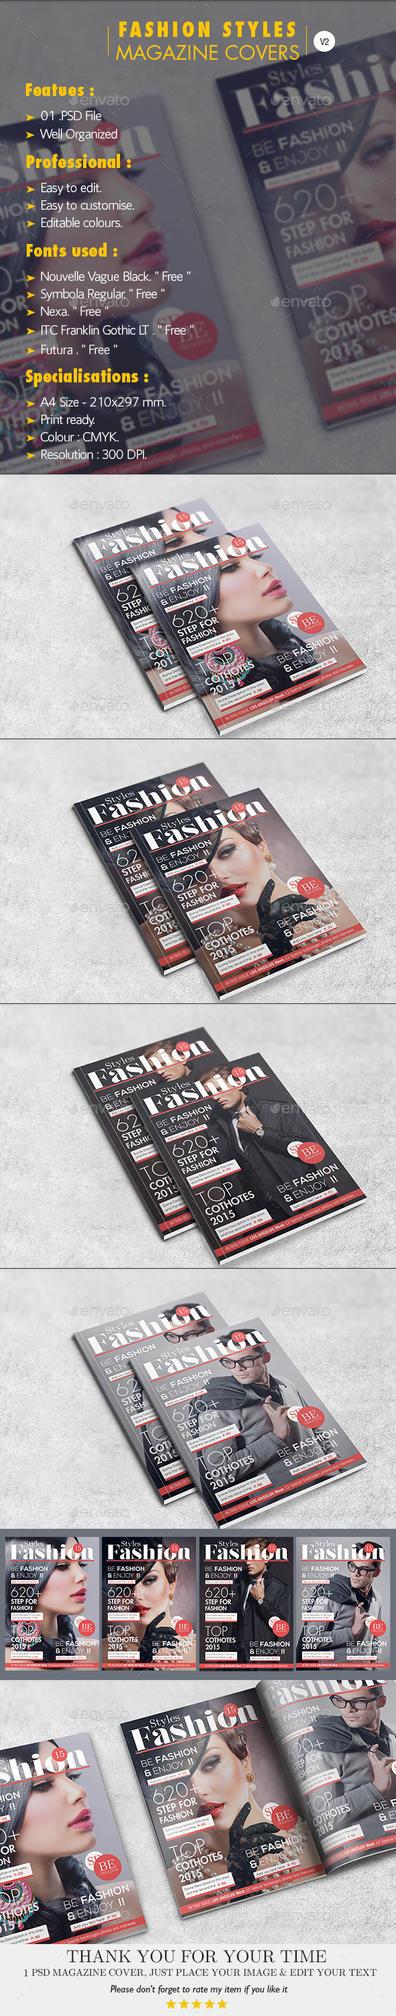 Fashion Styles Magazine Covers V.02 by Hz-designer